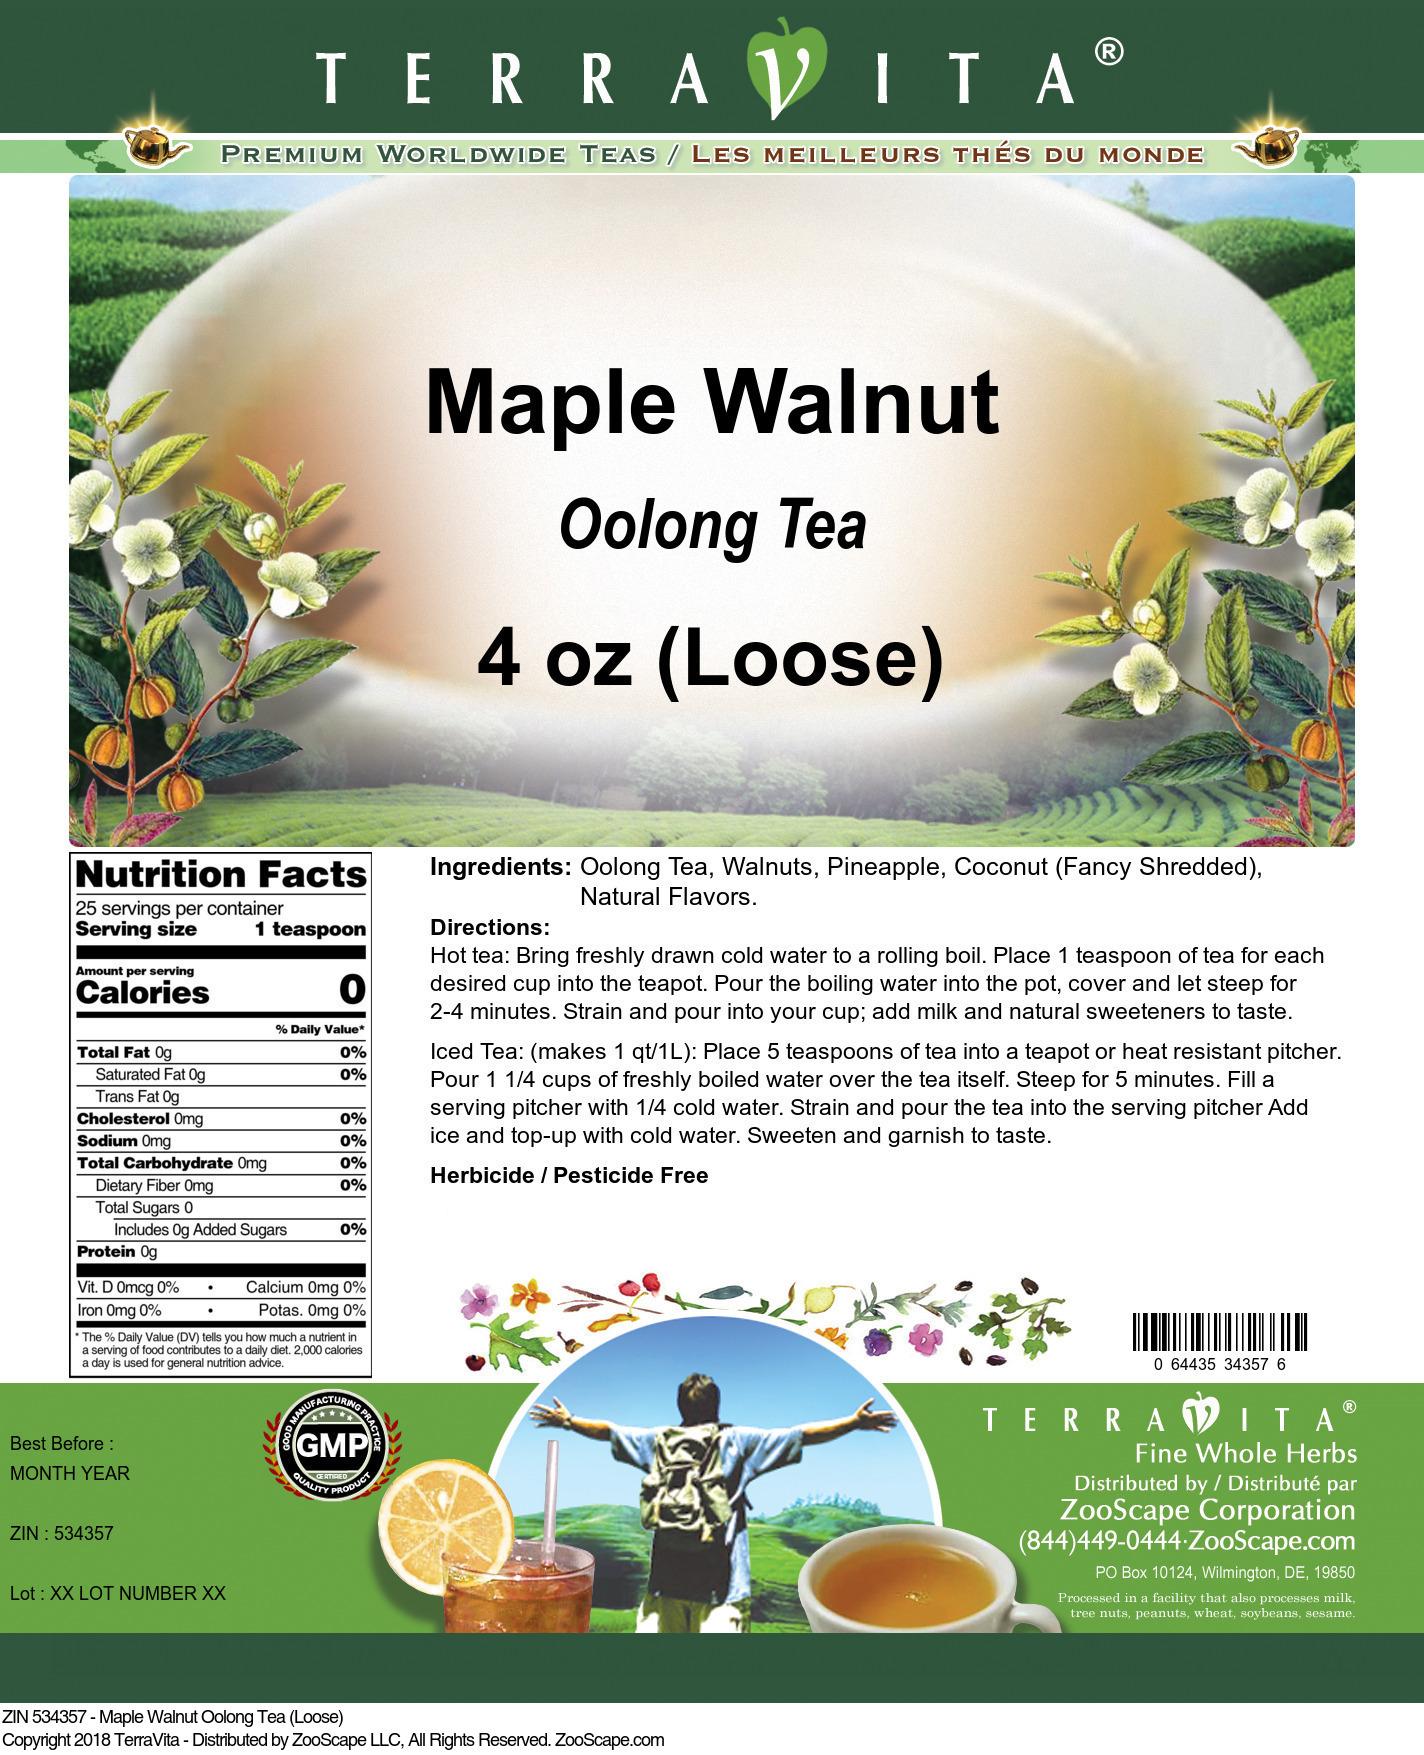 Maple Walnut Oolong Tea (Loose)